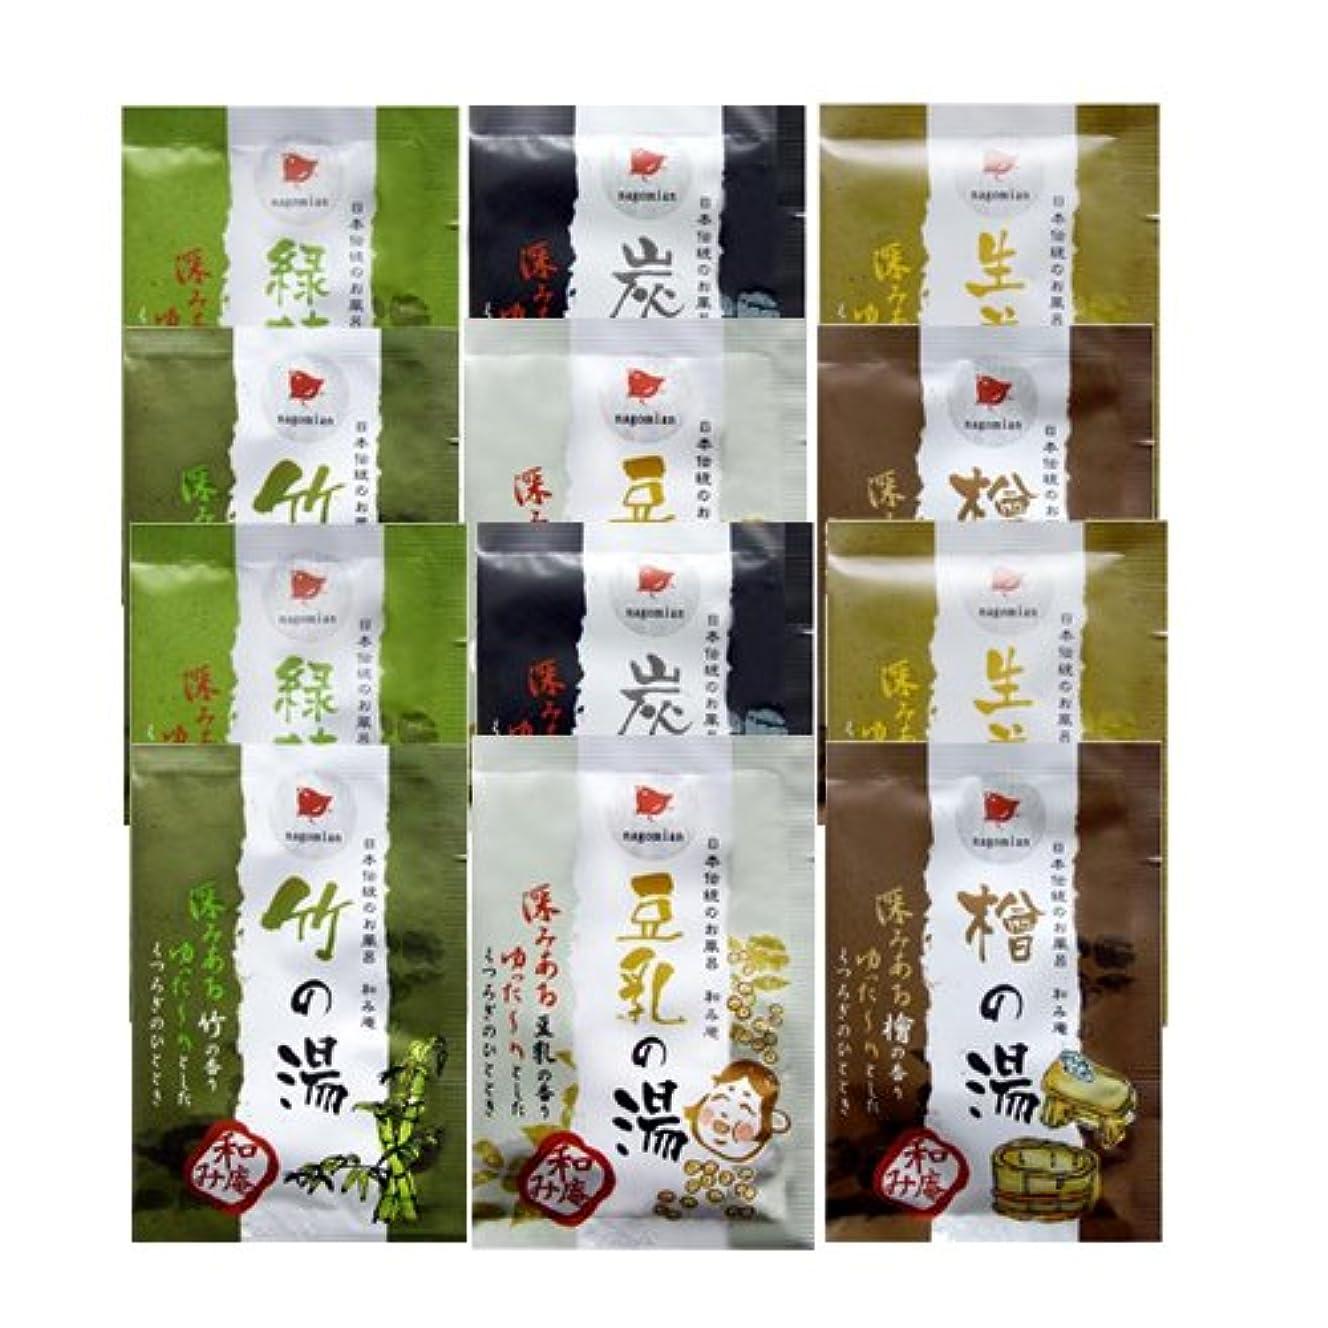 降下満足できるうめき日本伝統のお風呂 和み庵 6種類×2個セット(計12包)